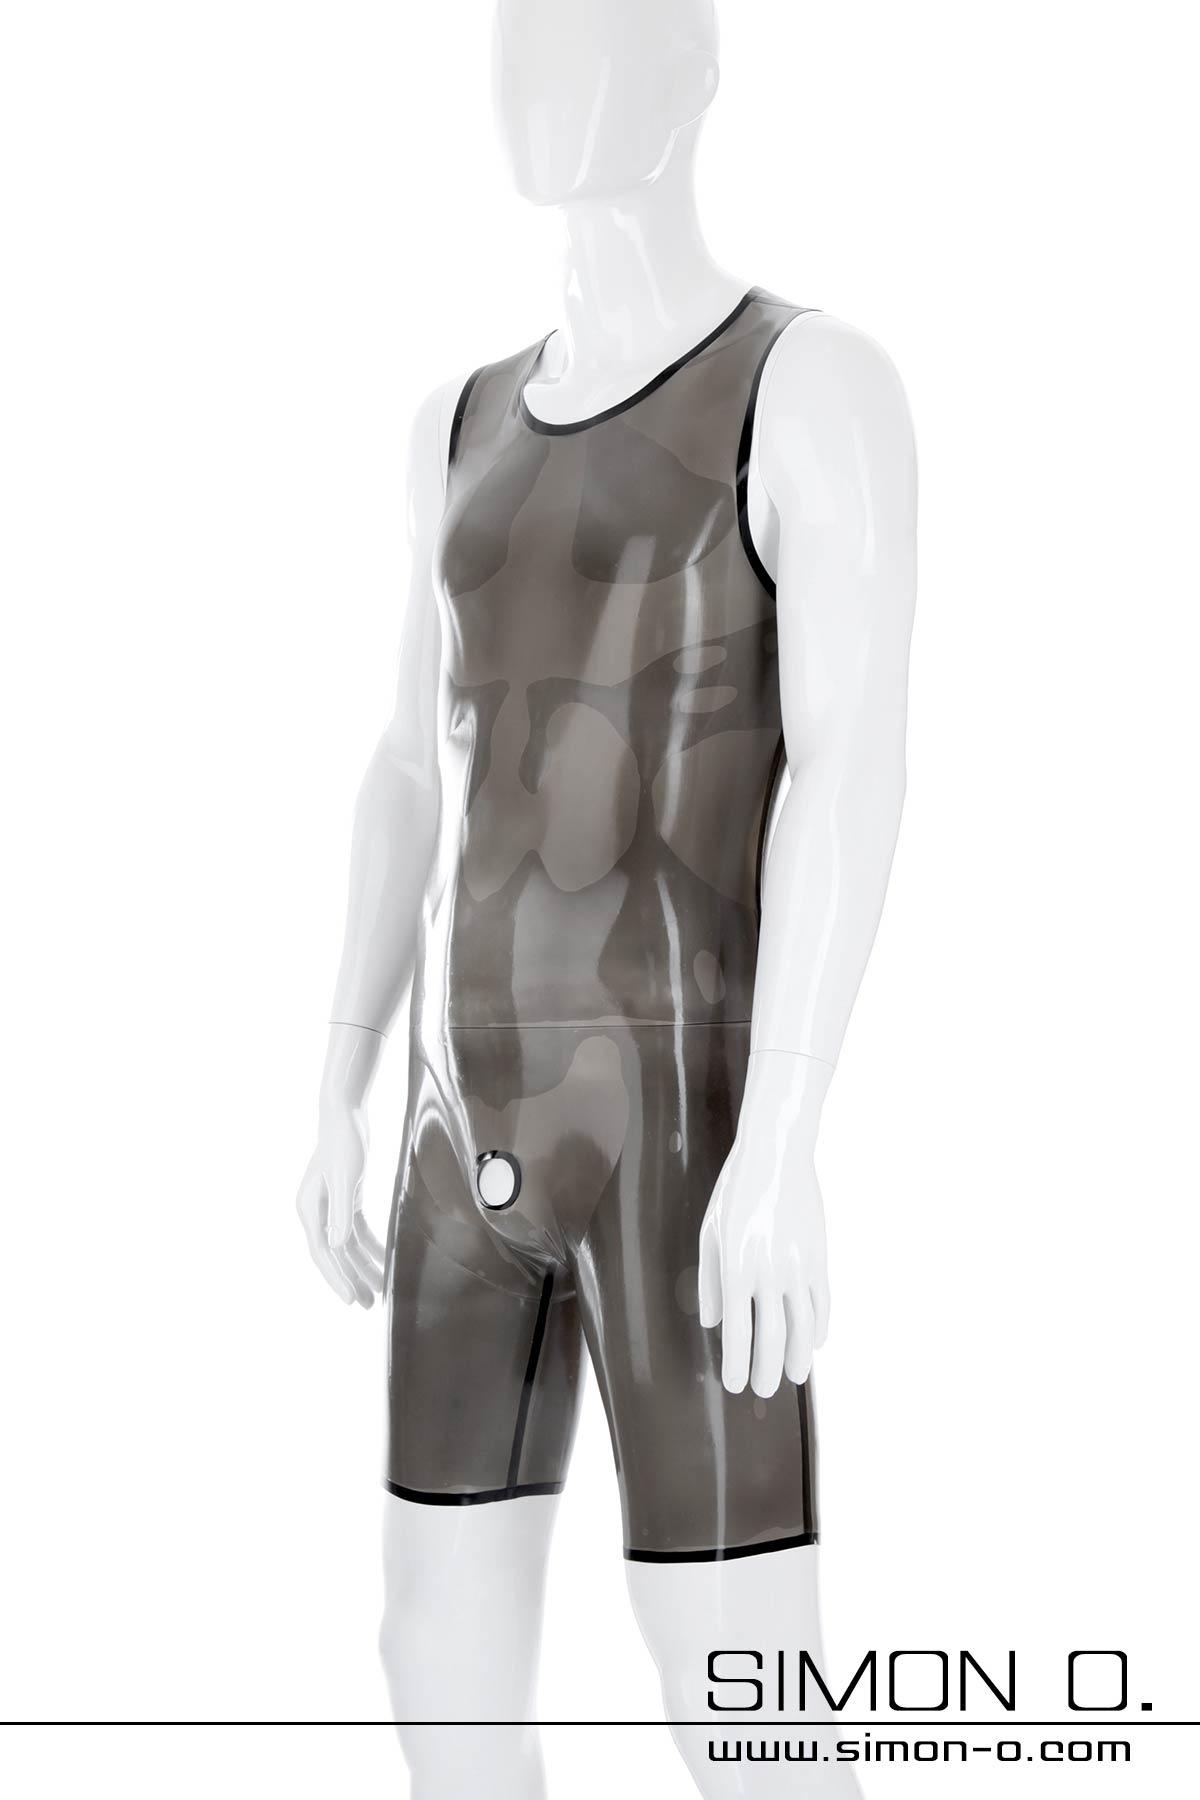 Latex Body für Herren mit Genitalöffnung oder Kondom Dieser hautenge Latex Body für Herren kann diskret unter herkömmlicher Kleidung getragen werden, ohne …